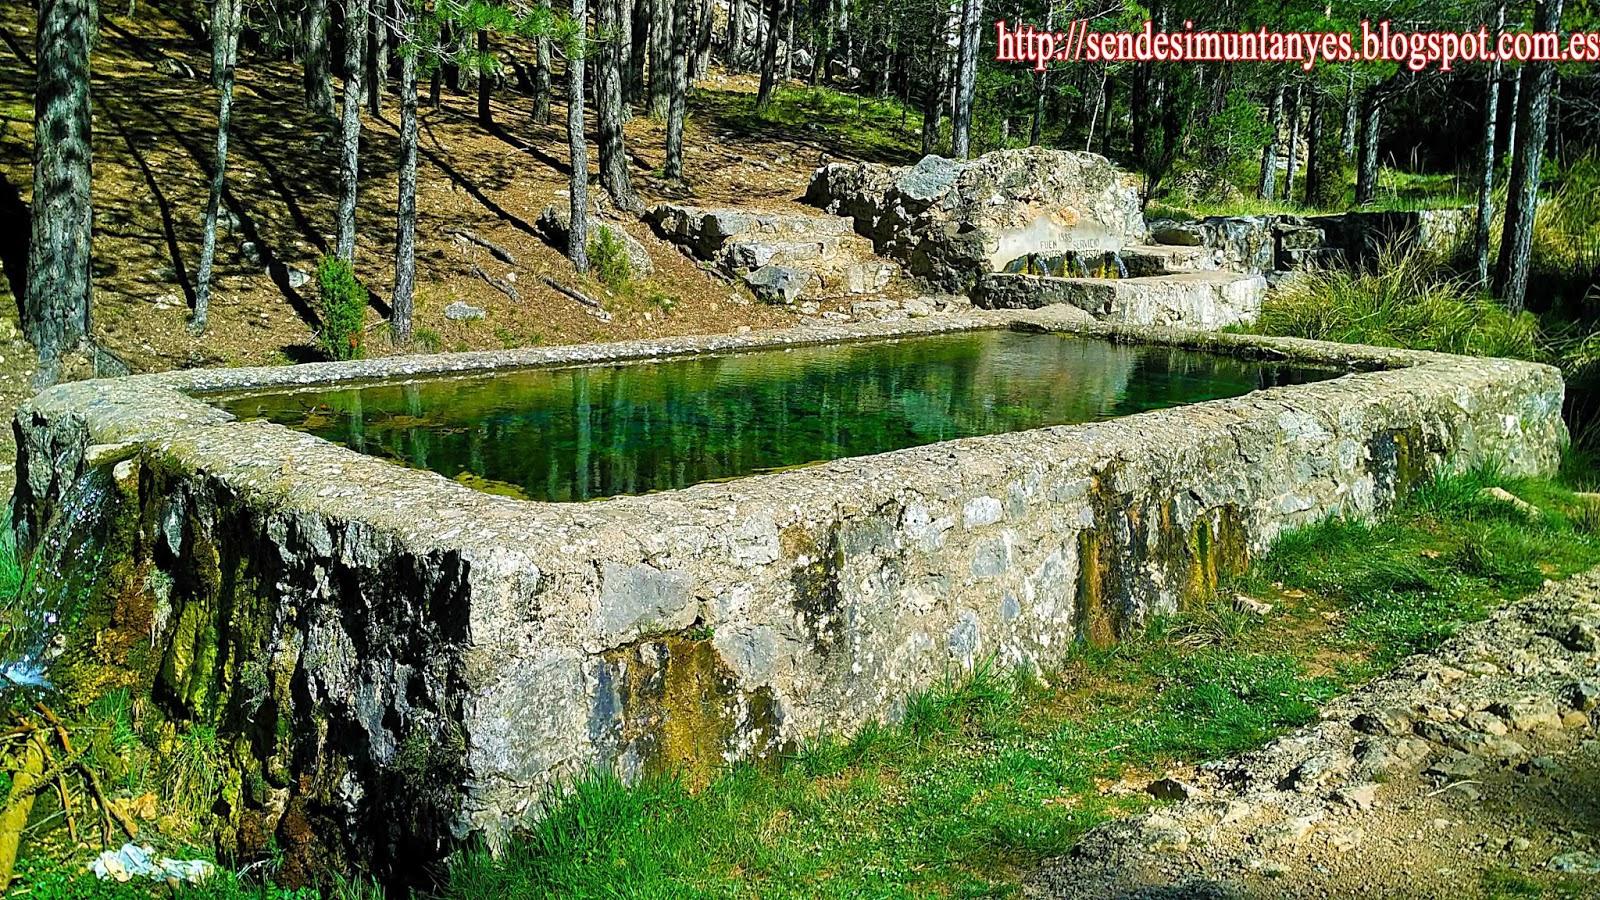 Fuente de FuennaricesArco de PiedraCascada de la HiedraPico